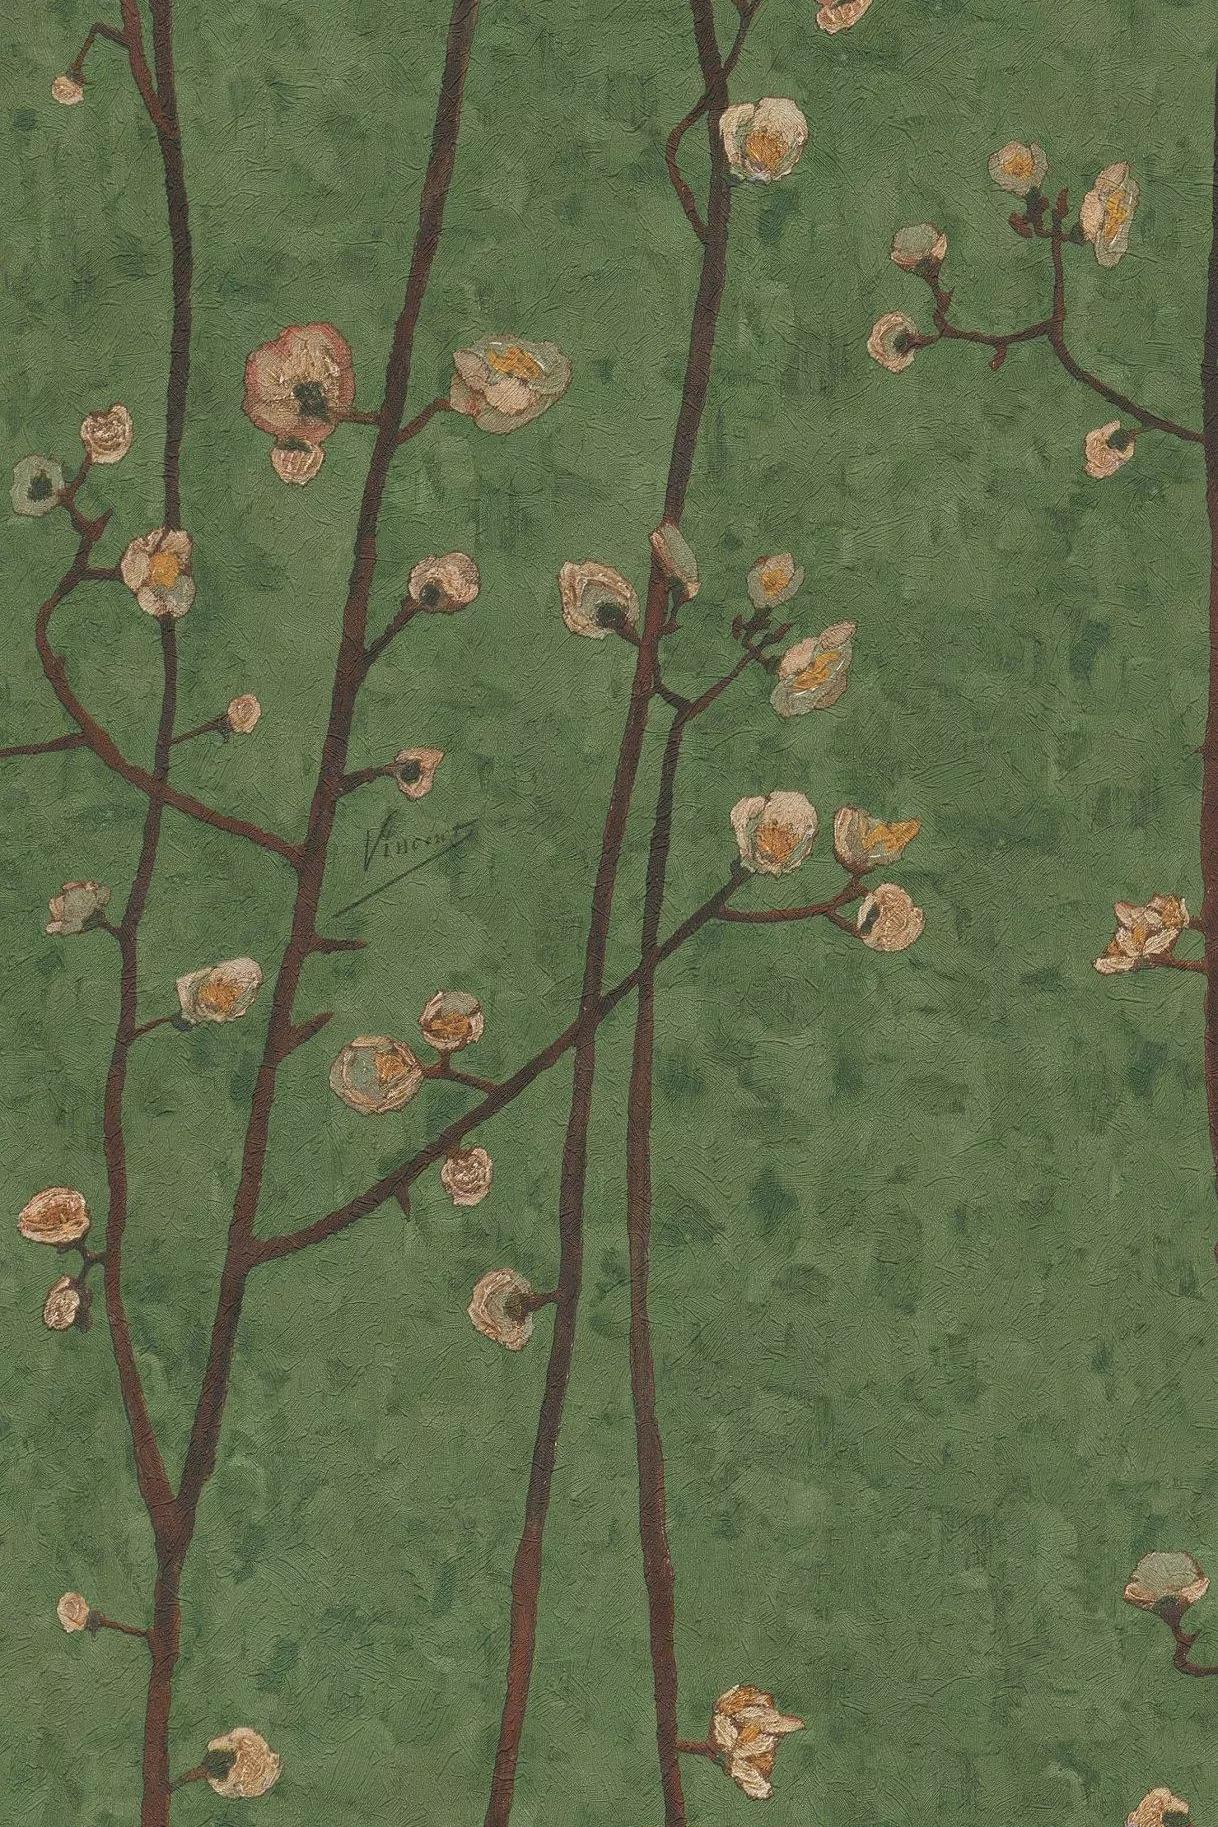 Van Gogh virág mintás tapéta zöld színben